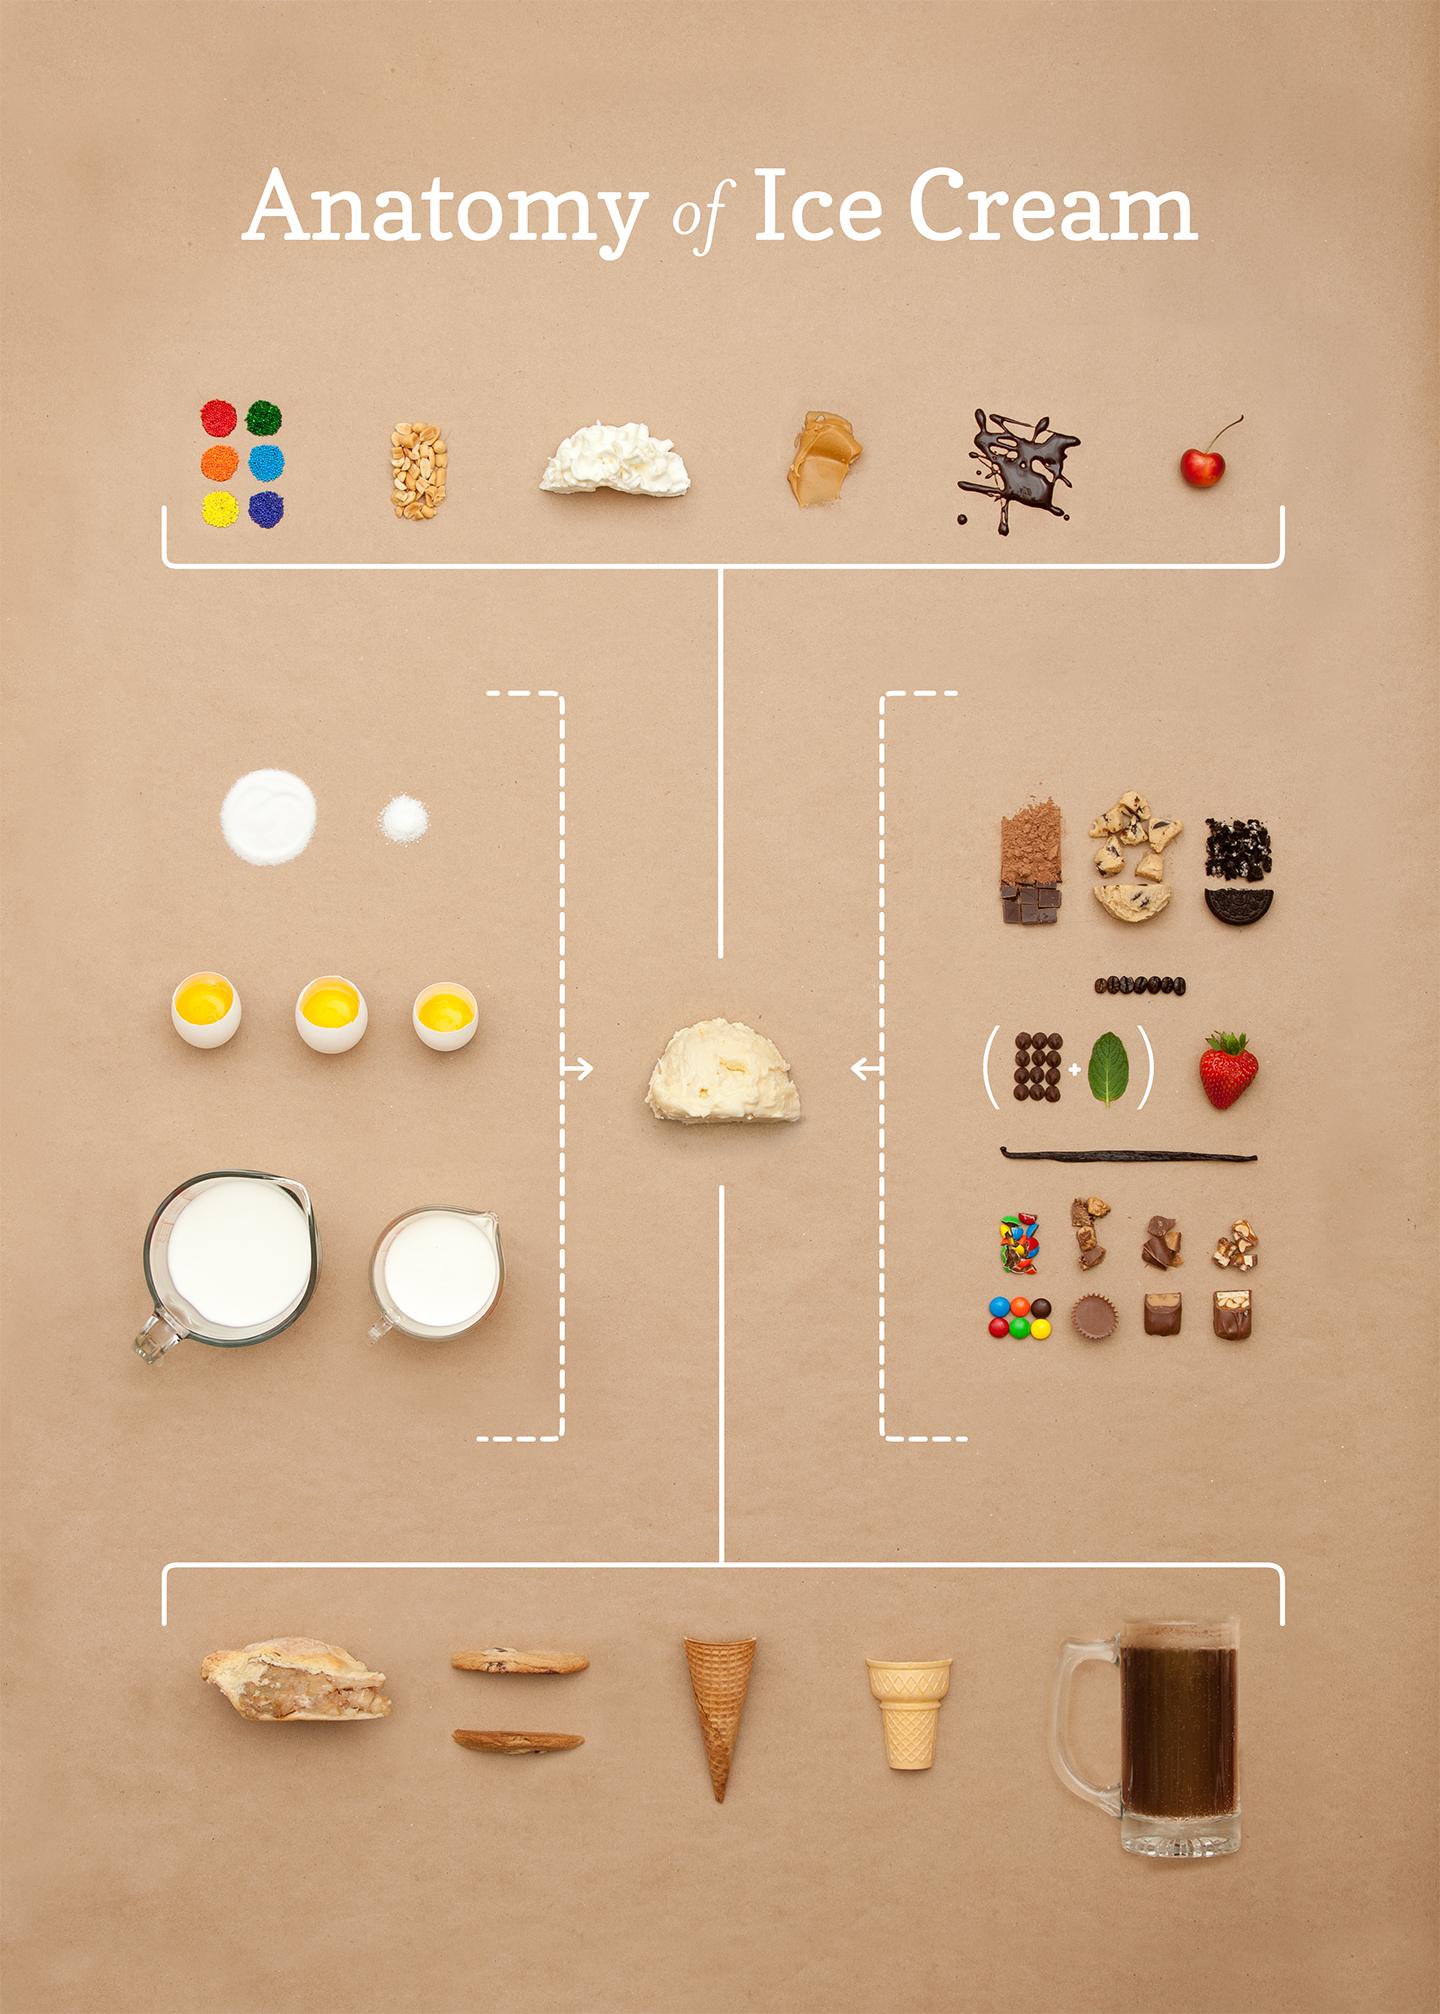 Anatomy of Ice Cream